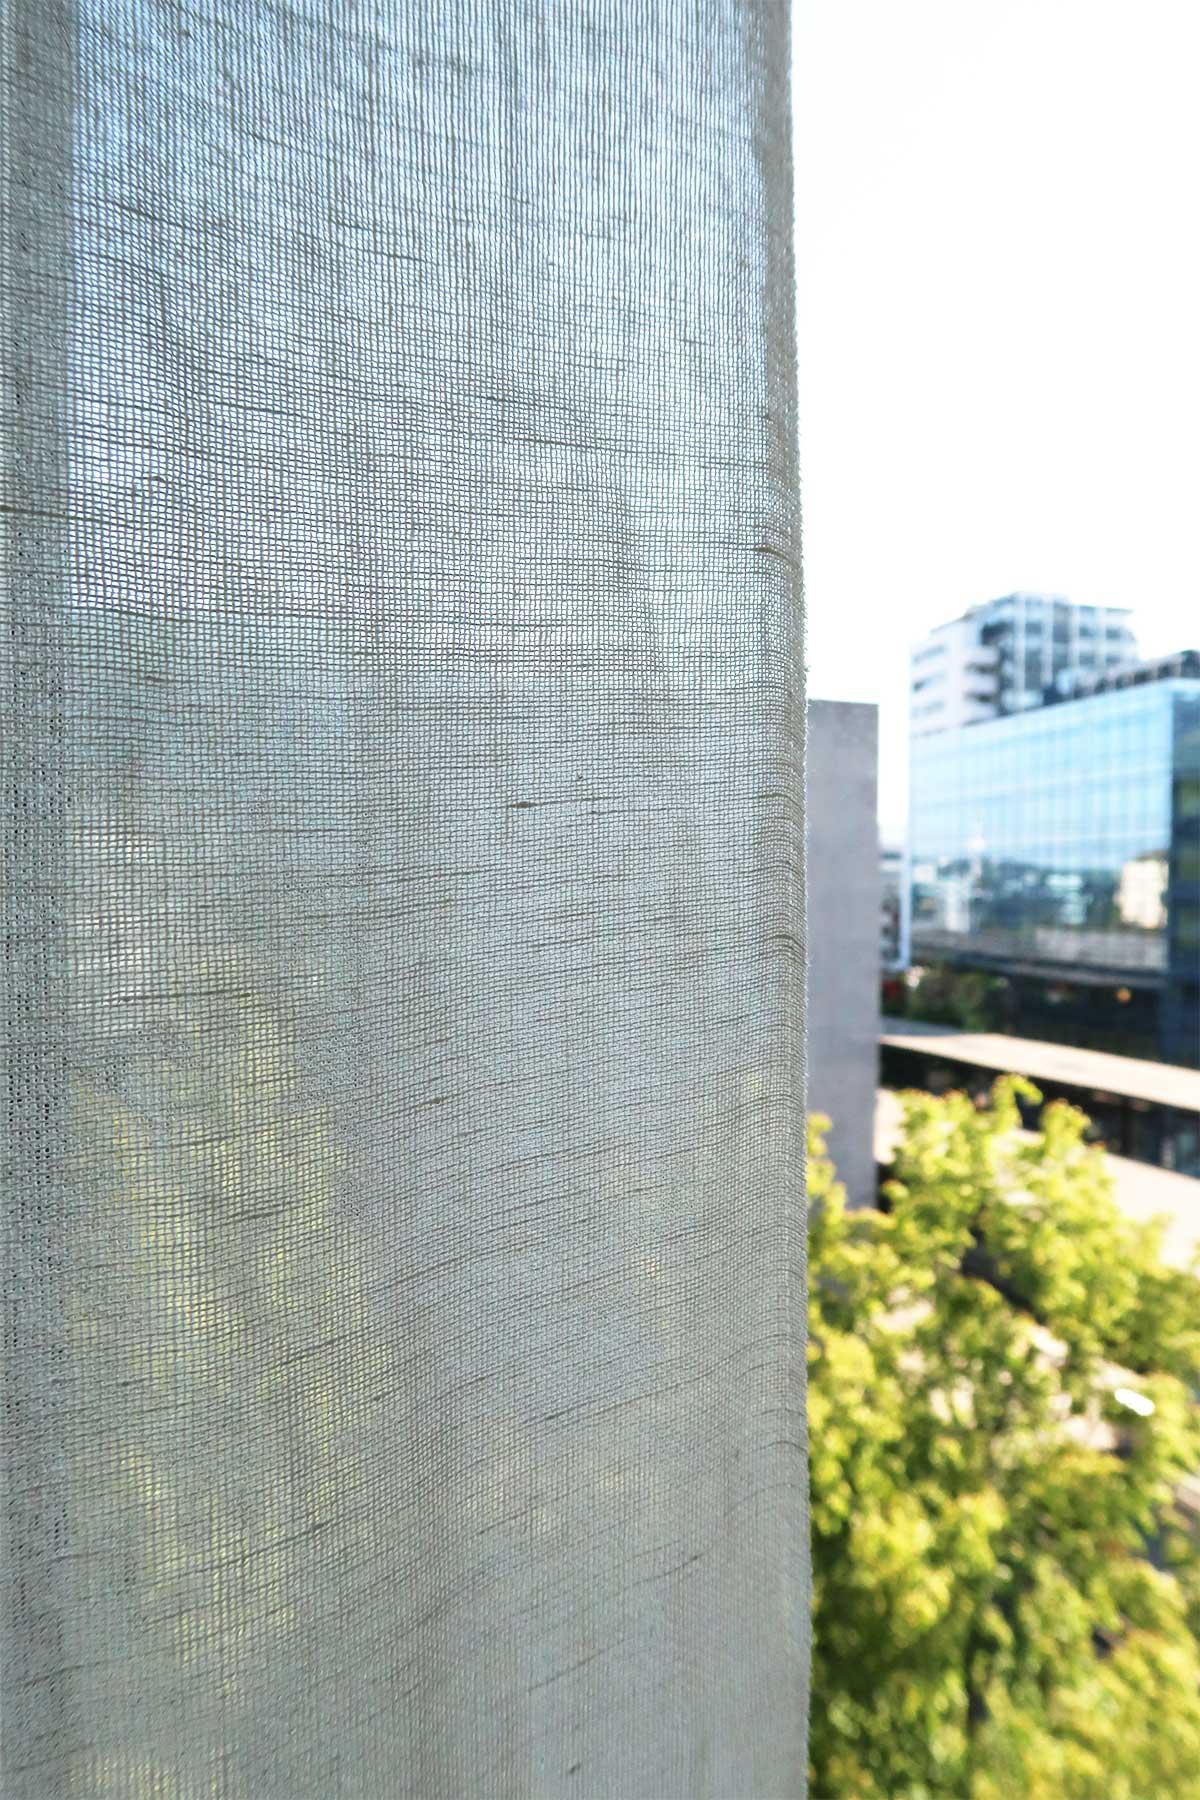 Full Size of Tagvorhang Tramontana Christian Fischbacher Leinen Optik Fenster Einbruchschutz Nachrüsten Insektenschutz Für Einbruchsicherung Einbauen Beleuchtung Fenster Sichtschutz Für Fenster